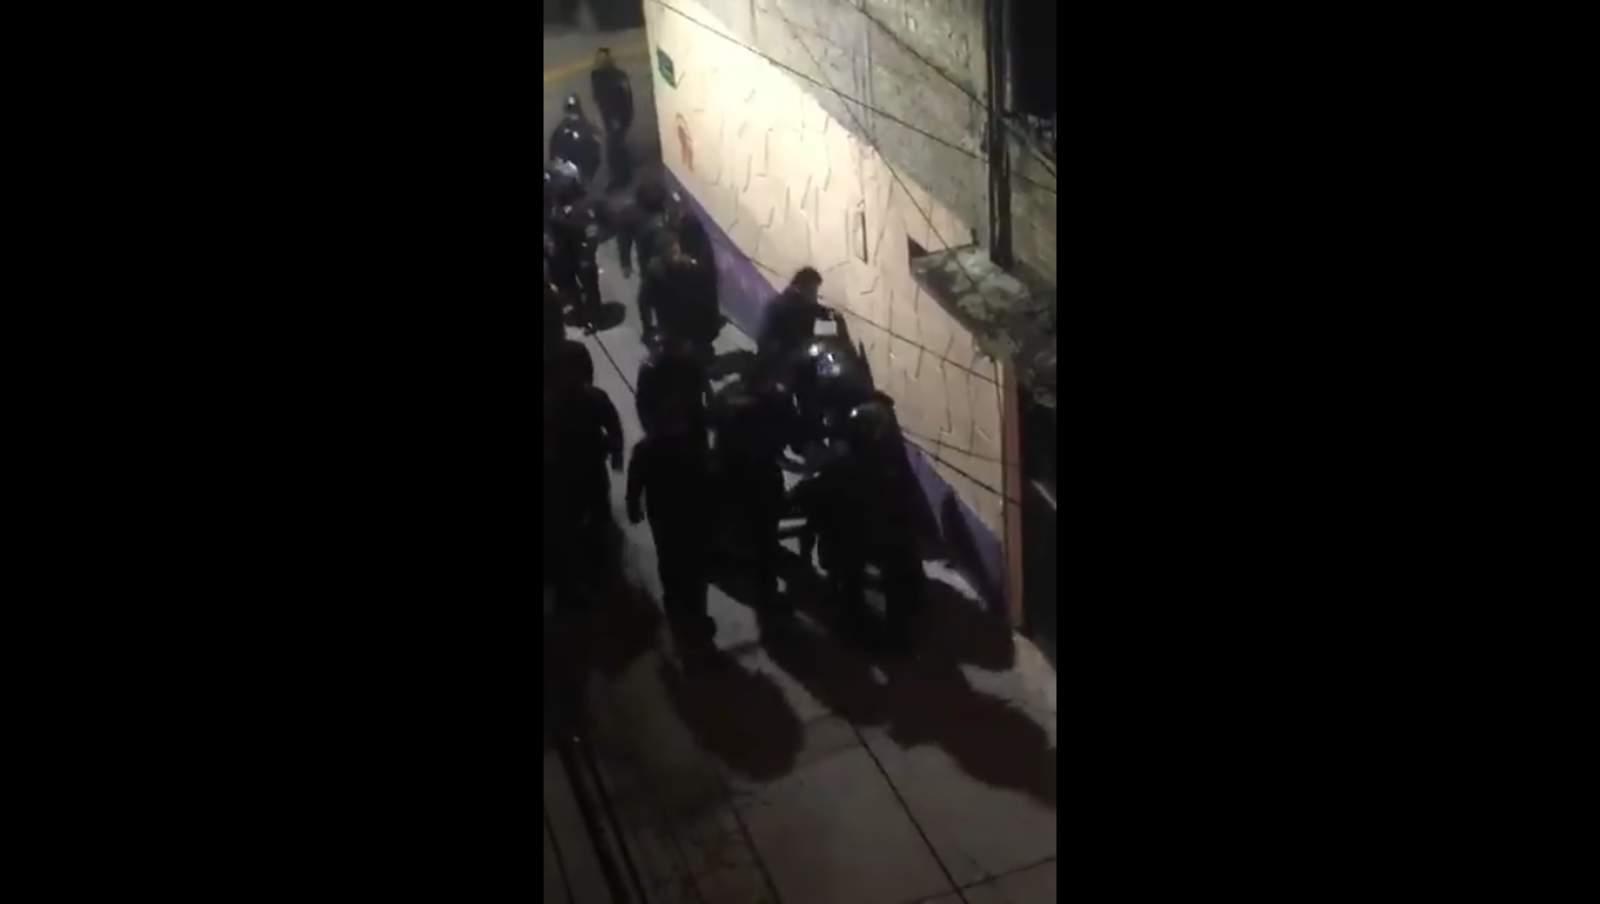 Policía iniciará investigación interna sobre actos represivos